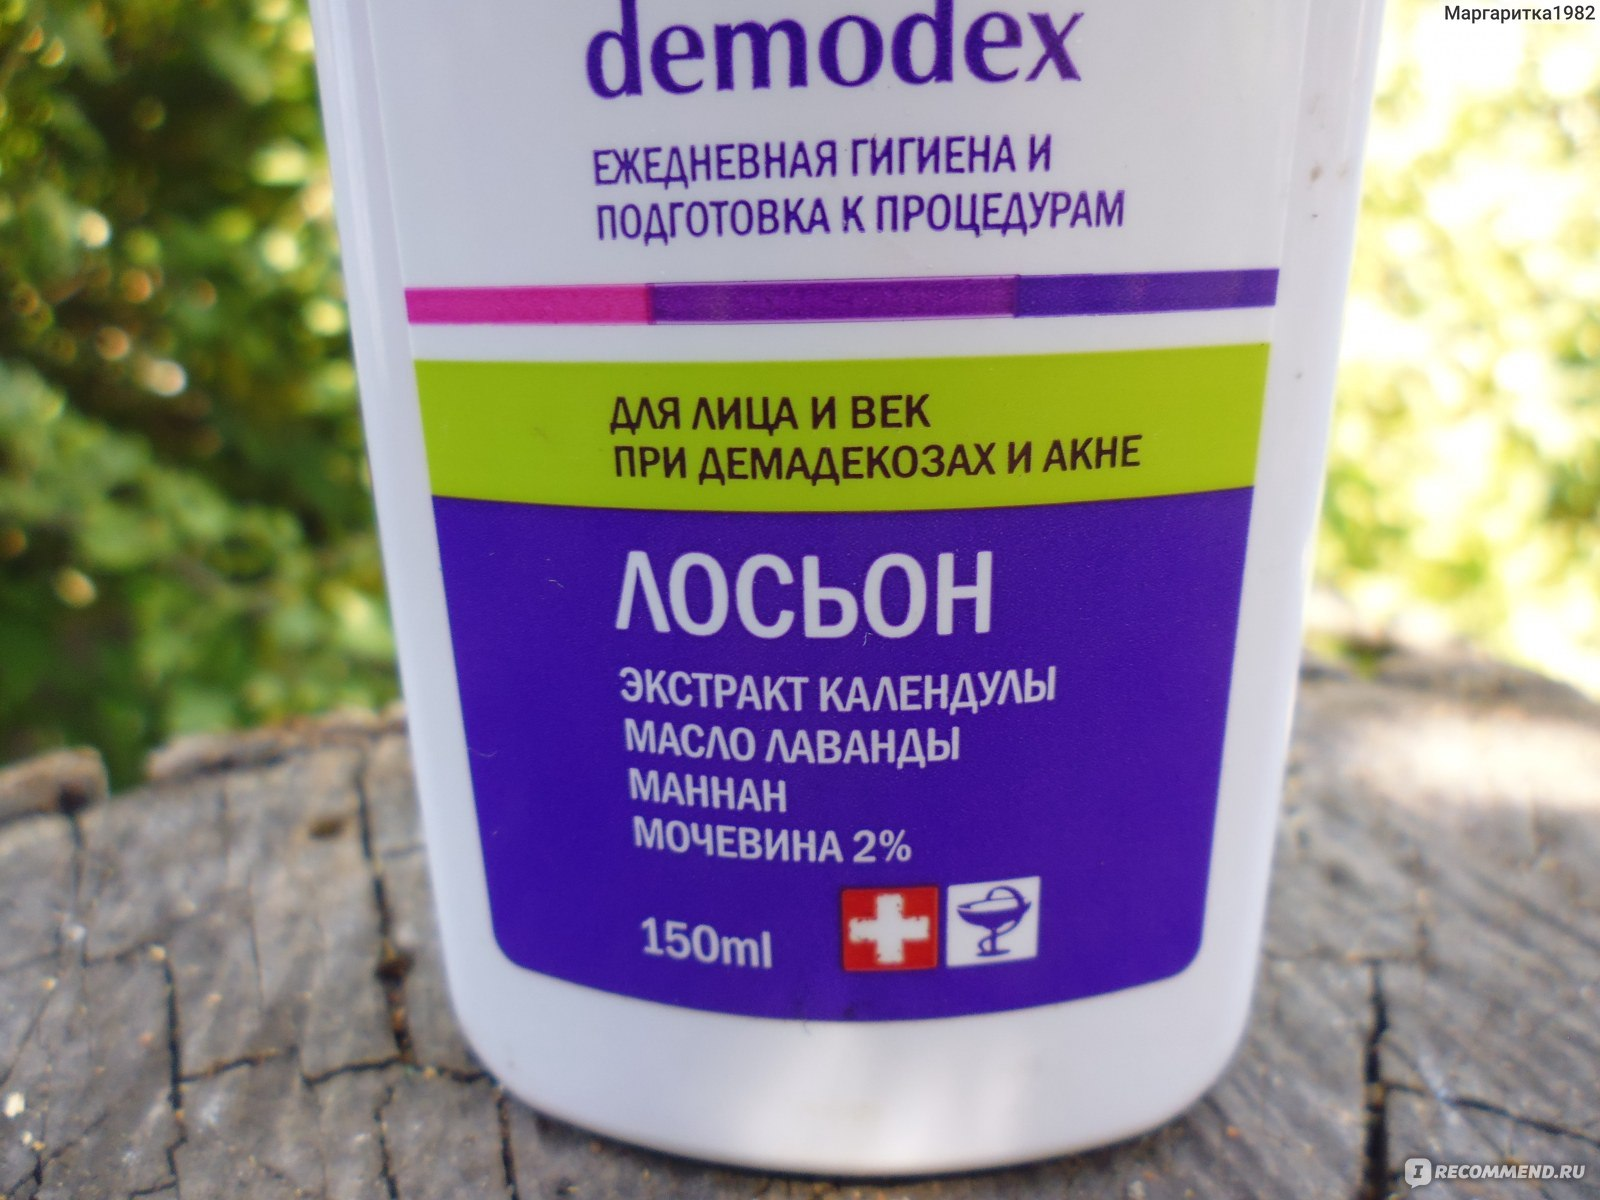 Стоп демодекс: инструкция, отзывы, аналоги, цена в аптеках - медицинский портал medcentre24.ru